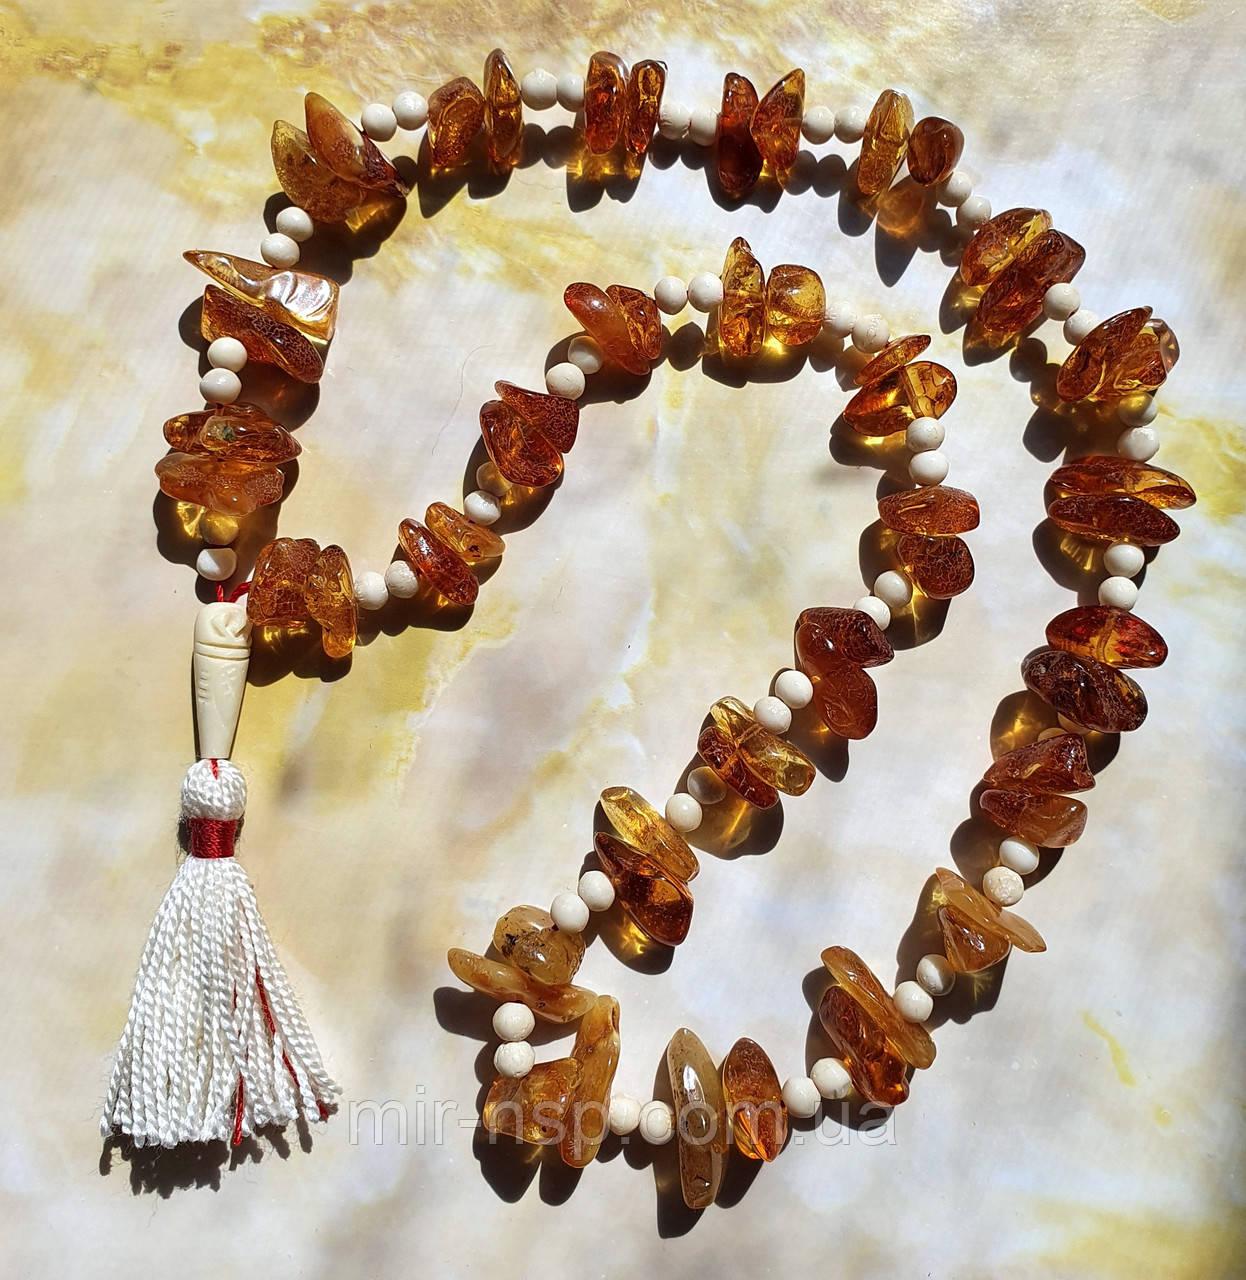 Мала четки 108 бусин 100% натуральный янтарь (не пресс не плавка) и слоновая кость вес 43г